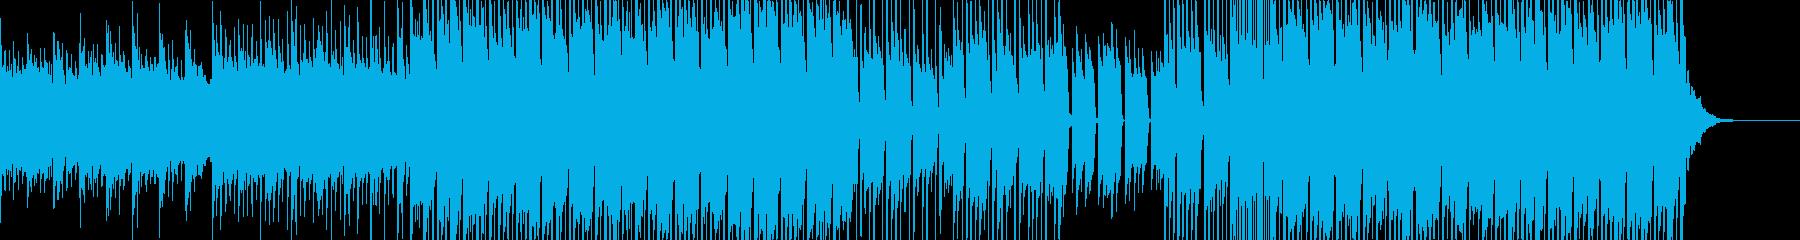 哀愁感の漂う3拍子のポップスの再生済みの波形